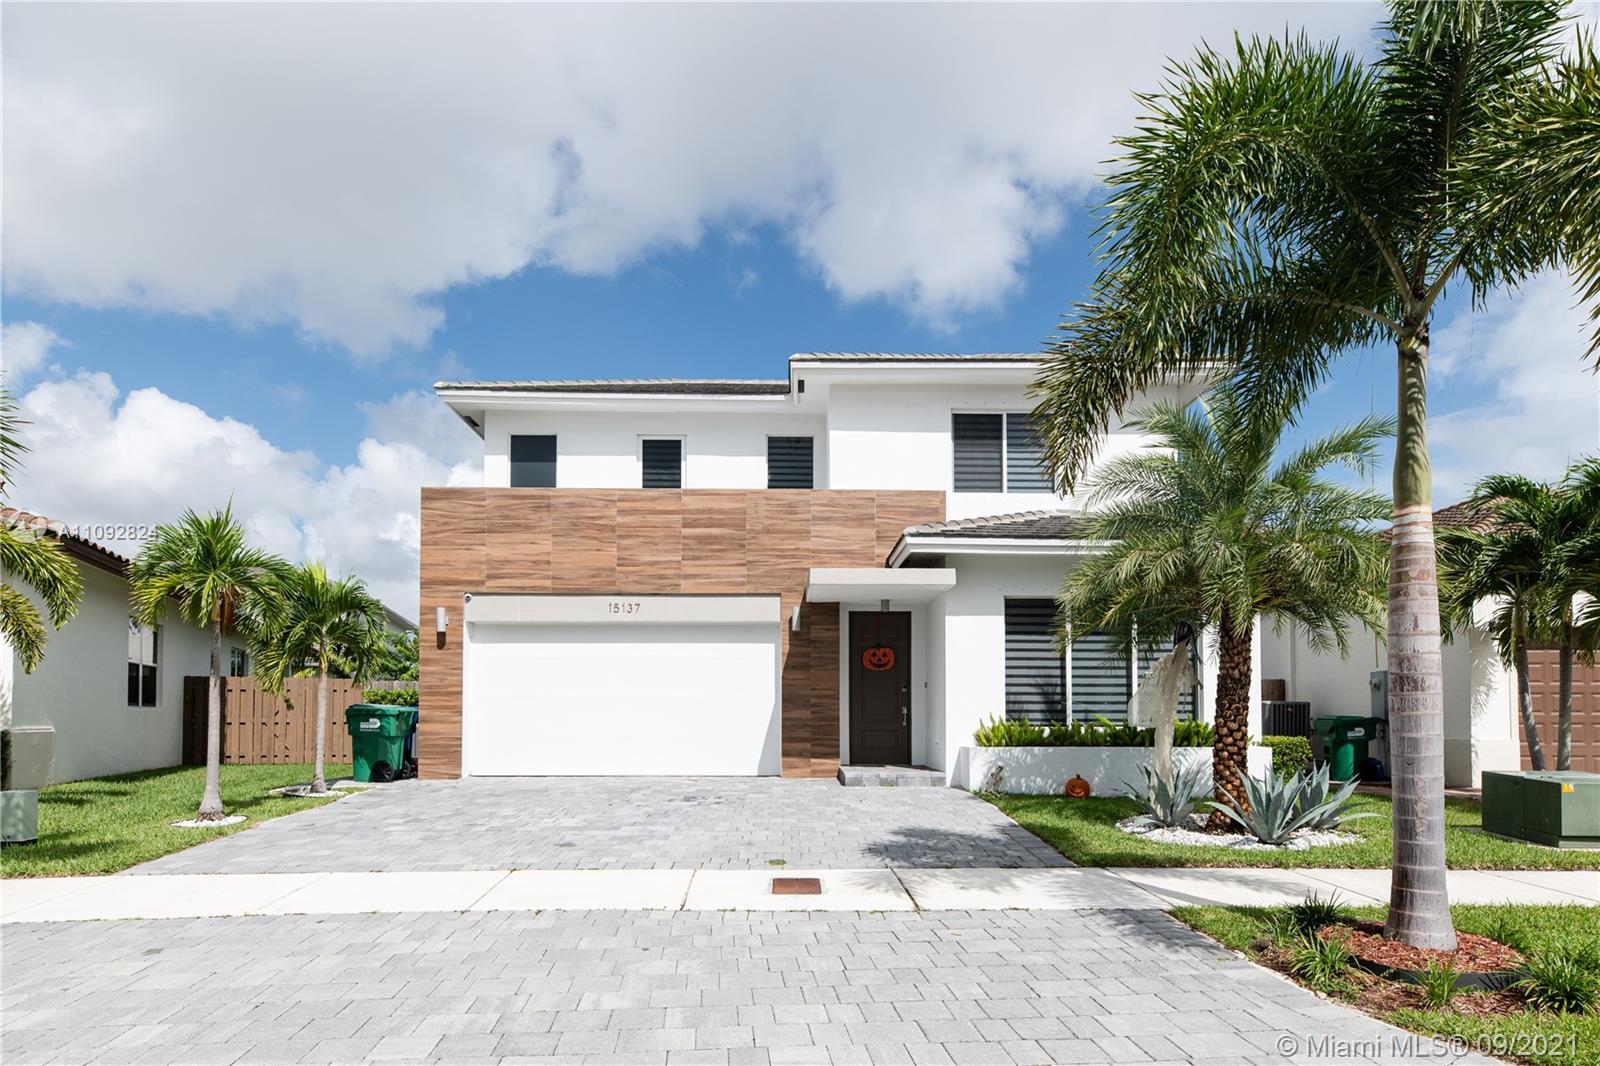 15137 176th Ln, Miami, Florida 33187